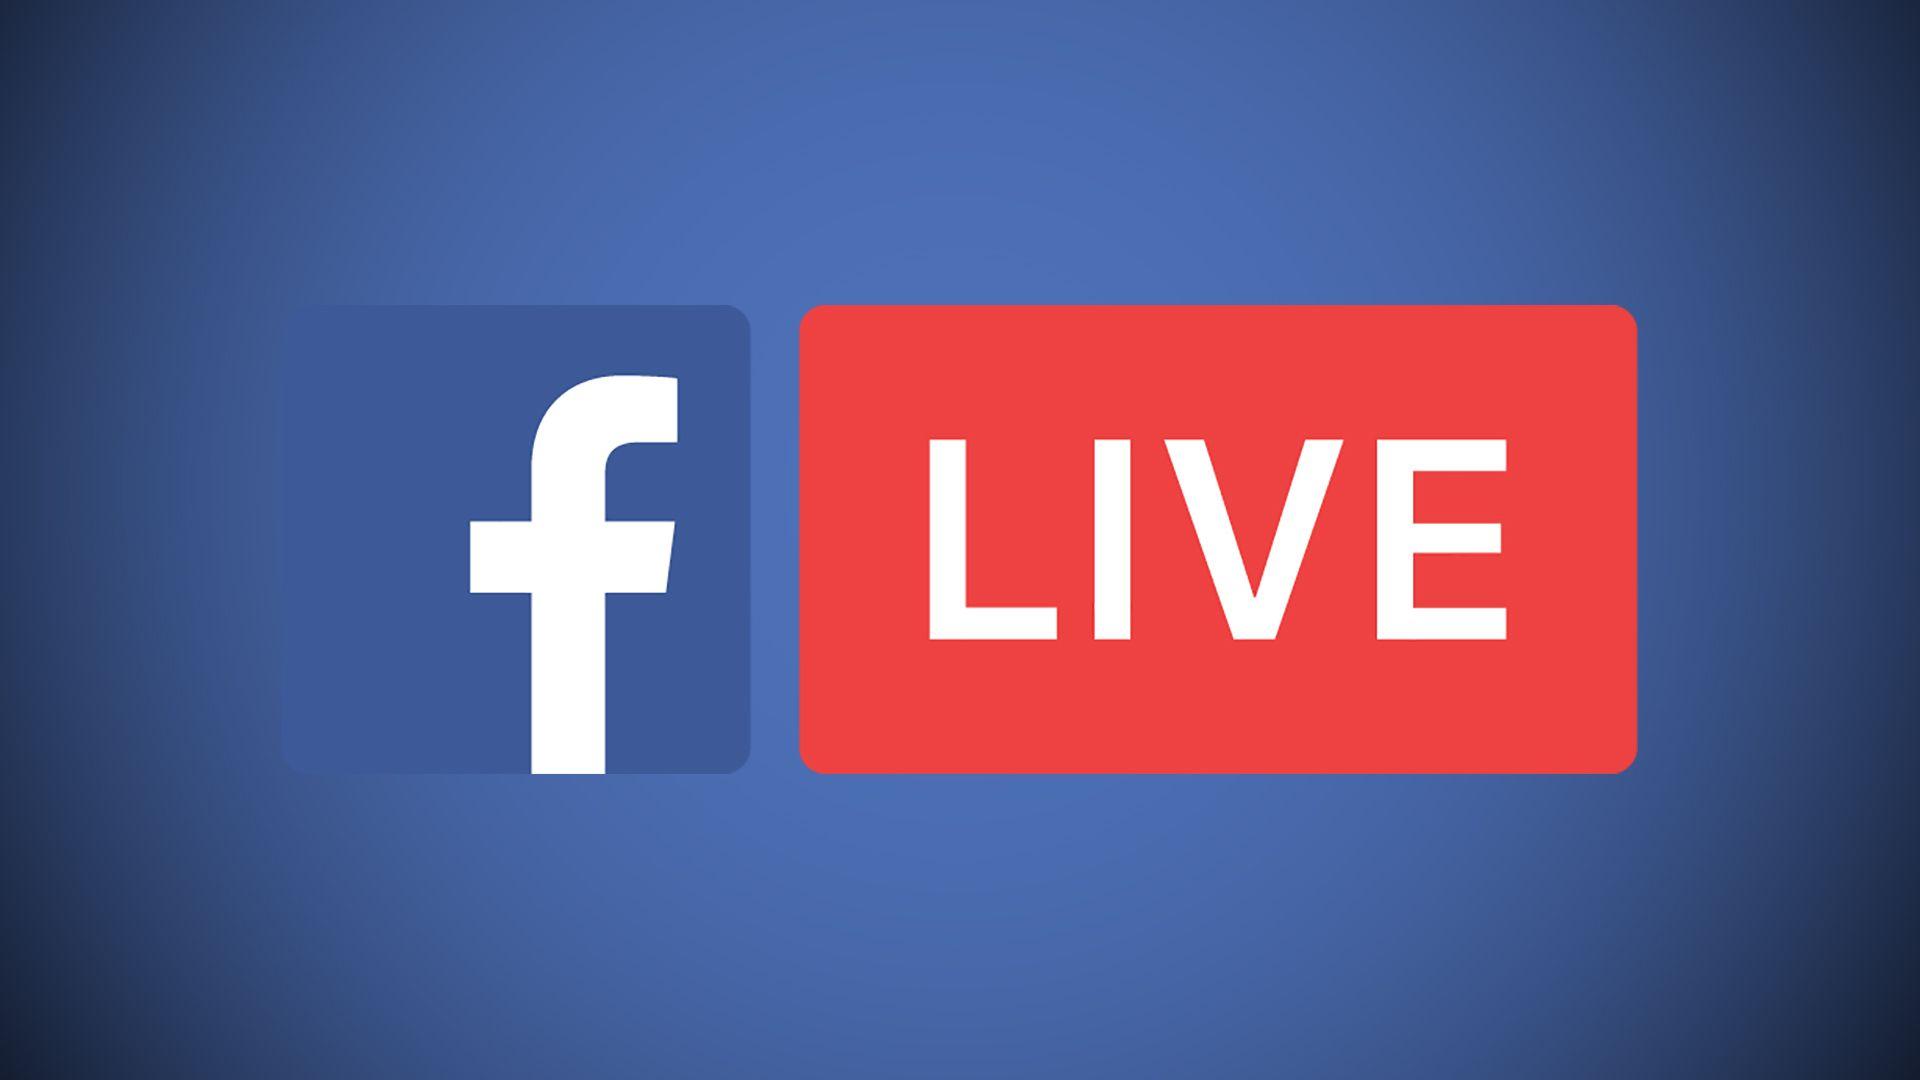 Nouveautés Facebook Live : le chat entre amis et les vidéos en live collaboratives